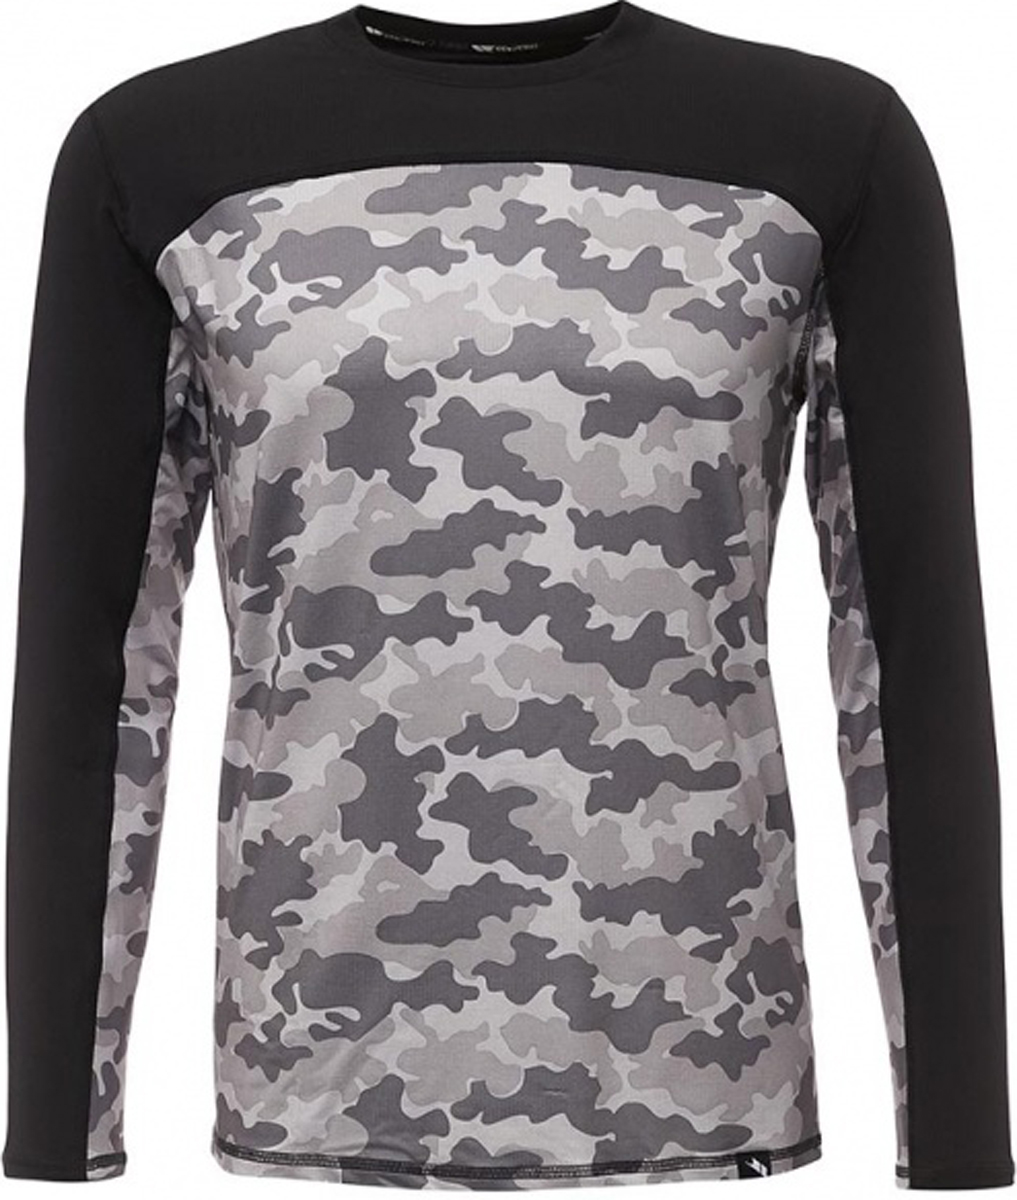 Термобелье футболка мужская Trespass Drill, цвет: камуфляж. MABLTPM20005. Размер S (48)MABLTPM20005Термобелье Trespass Drill предназначено для повседневной носки в прохладную погоду. Изделие хорошо тянется и отлично сохраняет тепло. Повышенная эластичность позволяет комфортно двигаться. Благодаря полиэстеру изделие приятно на ощупь, позволяет коже дышать, хорошо впитывает влагу, не электризуется. Эластан входящий в состав имеет очень высокую степень эластичности, хорошо сохраняет форму изделия, повышая его износостойкость, и прекрасно садится по фигуре. Термобелье незаметно под любой, самой тонкой одеждой и обеспечивает надежную защиту от холода и ветра.